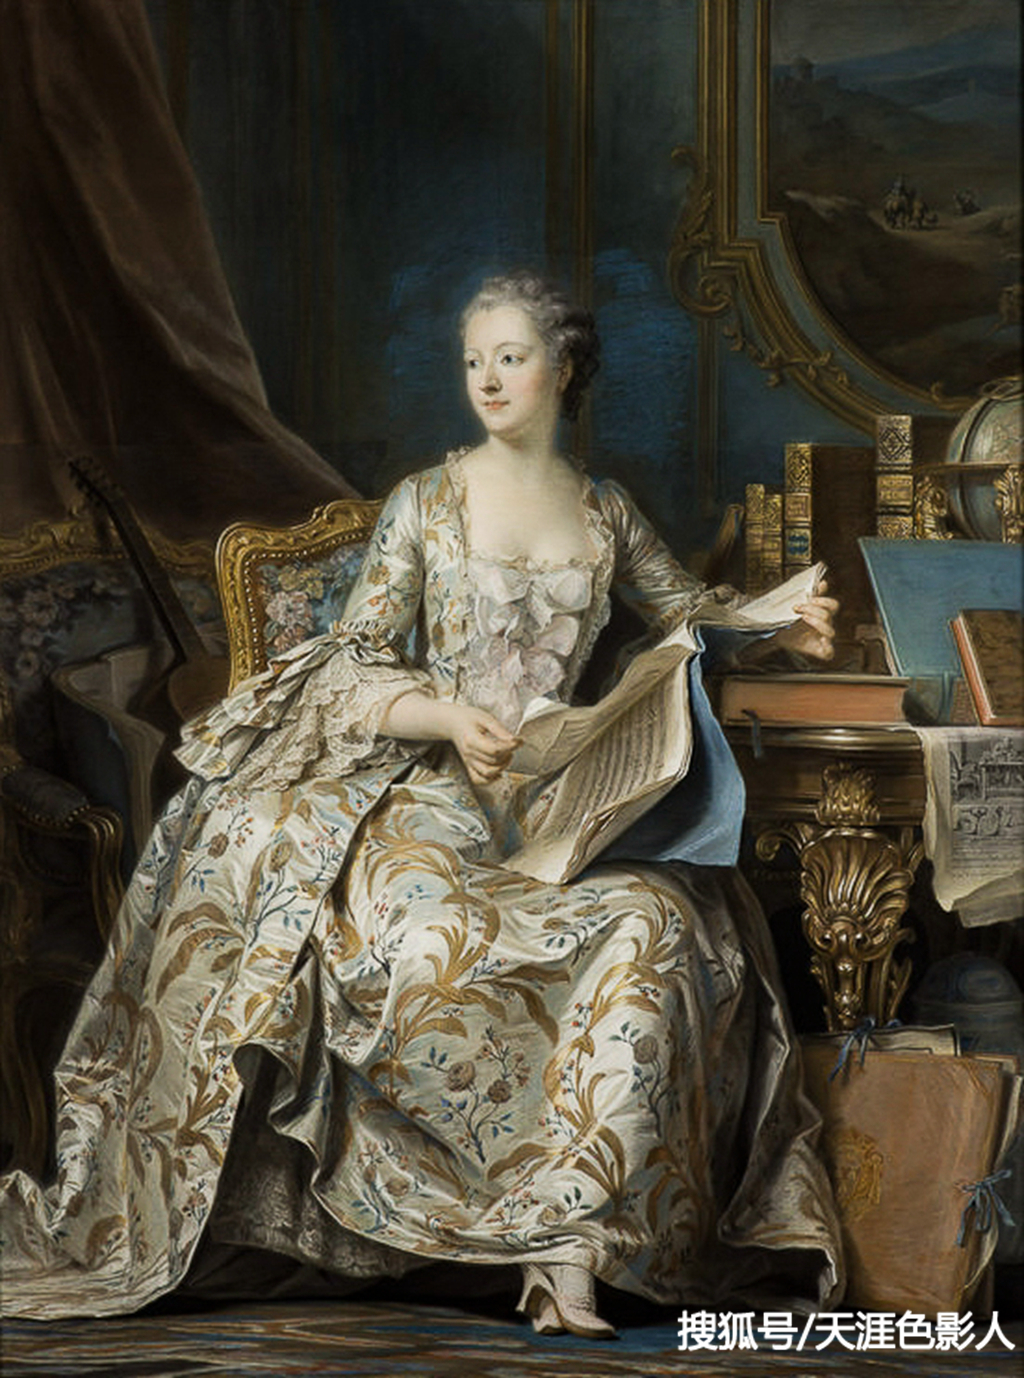 法国卢浮宫镇馆之宝中的七幅著名画作赏析